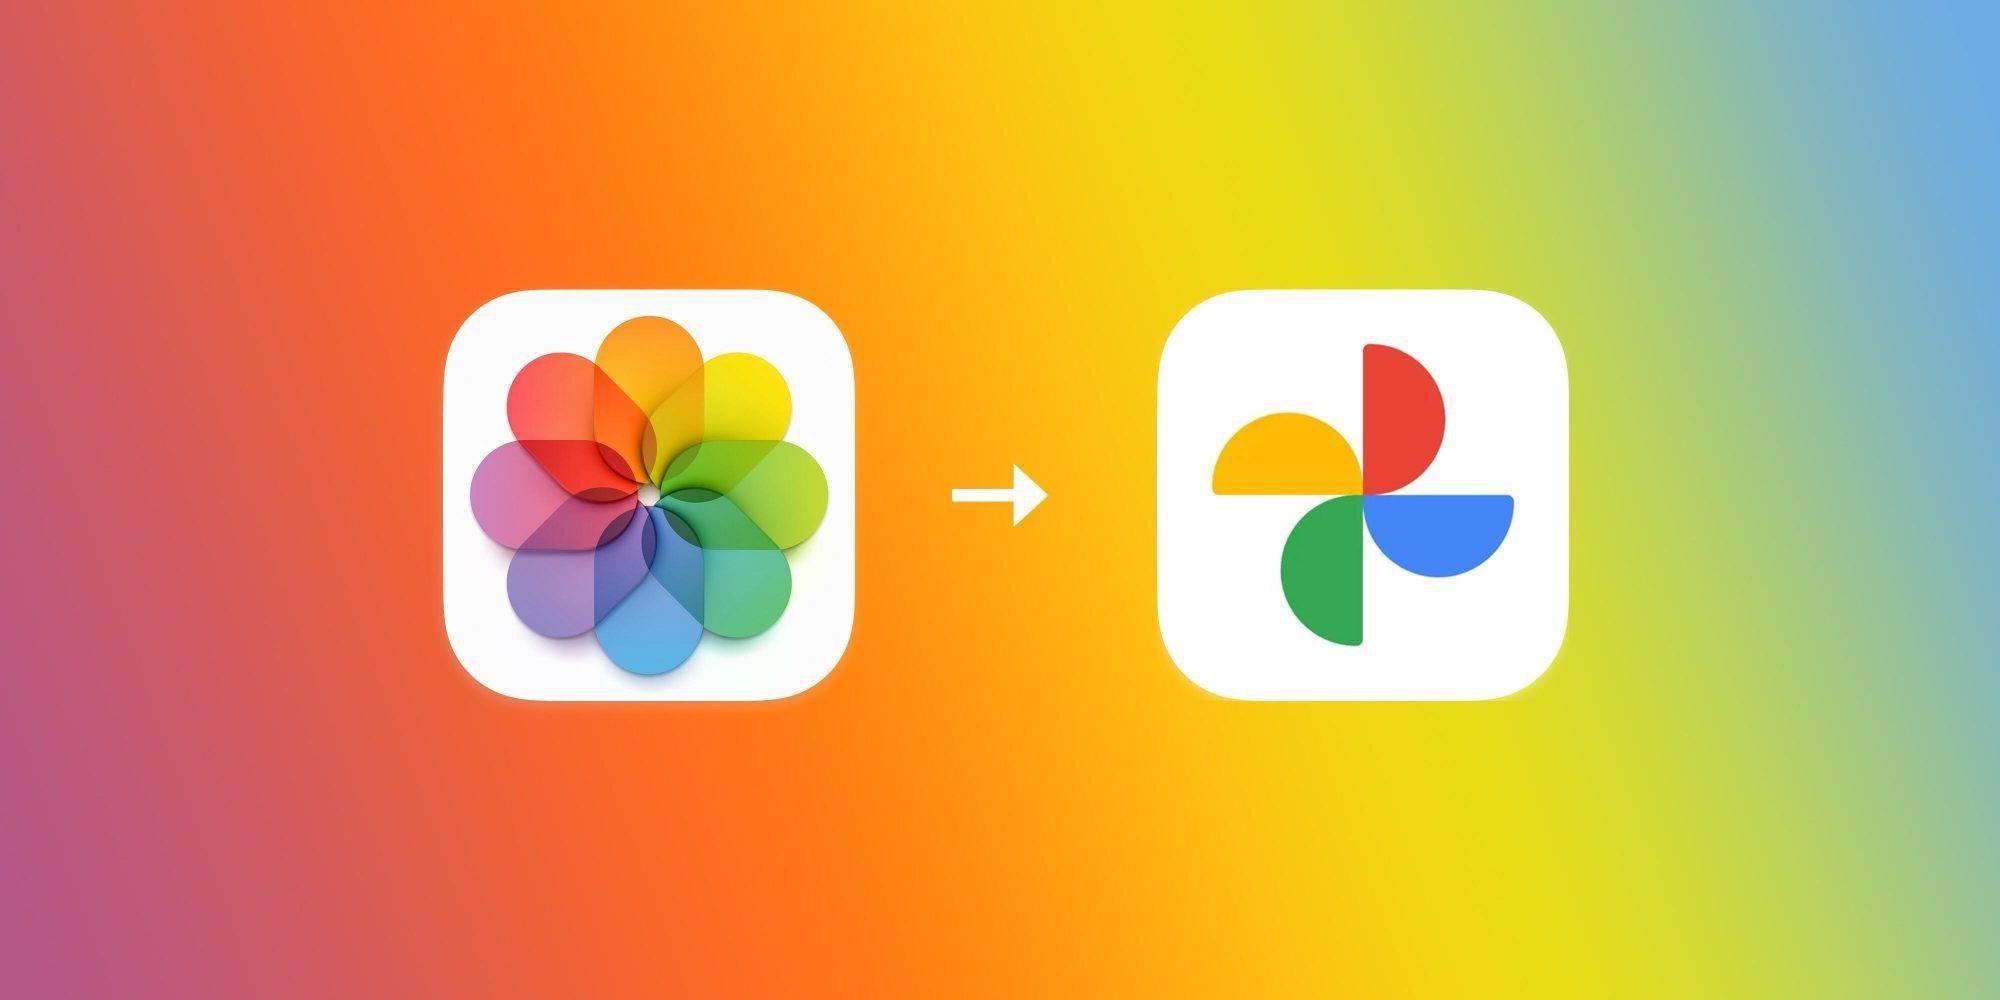 2021 苹果官方 iCloud 迁移照片到Google Photo 教程